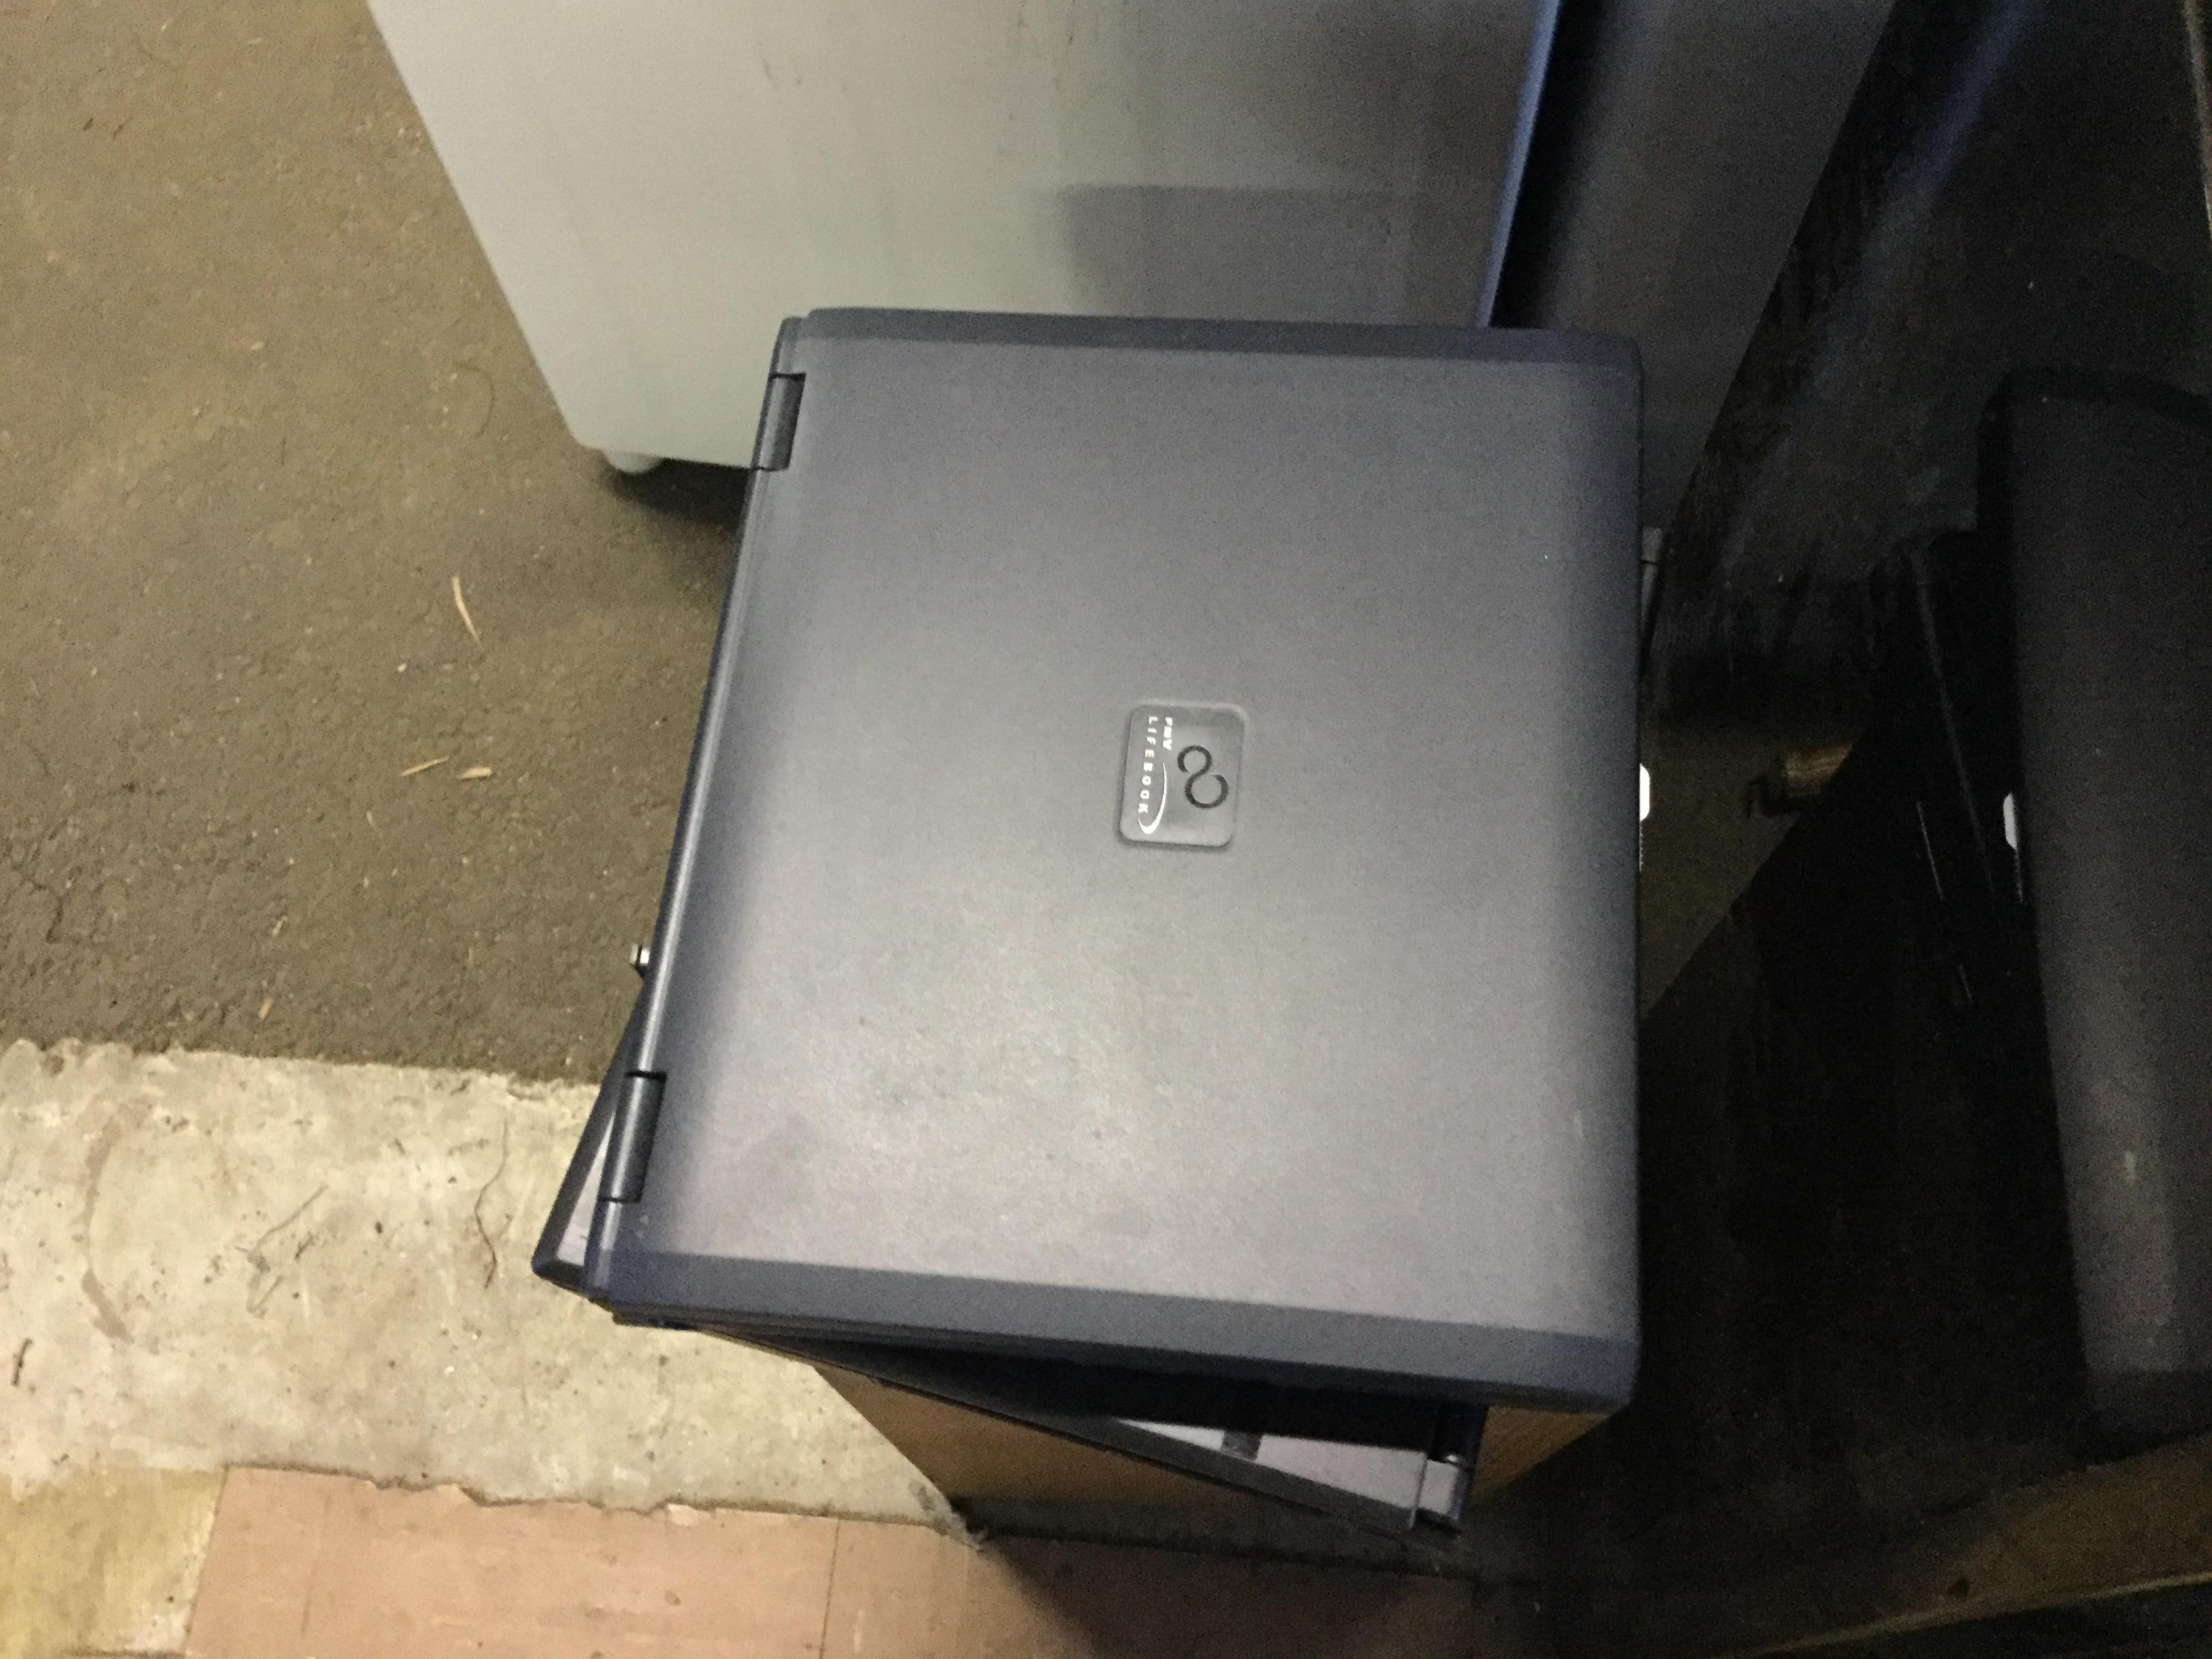 岡山市北区で粗大ゴミの回収をしたノートパソコン